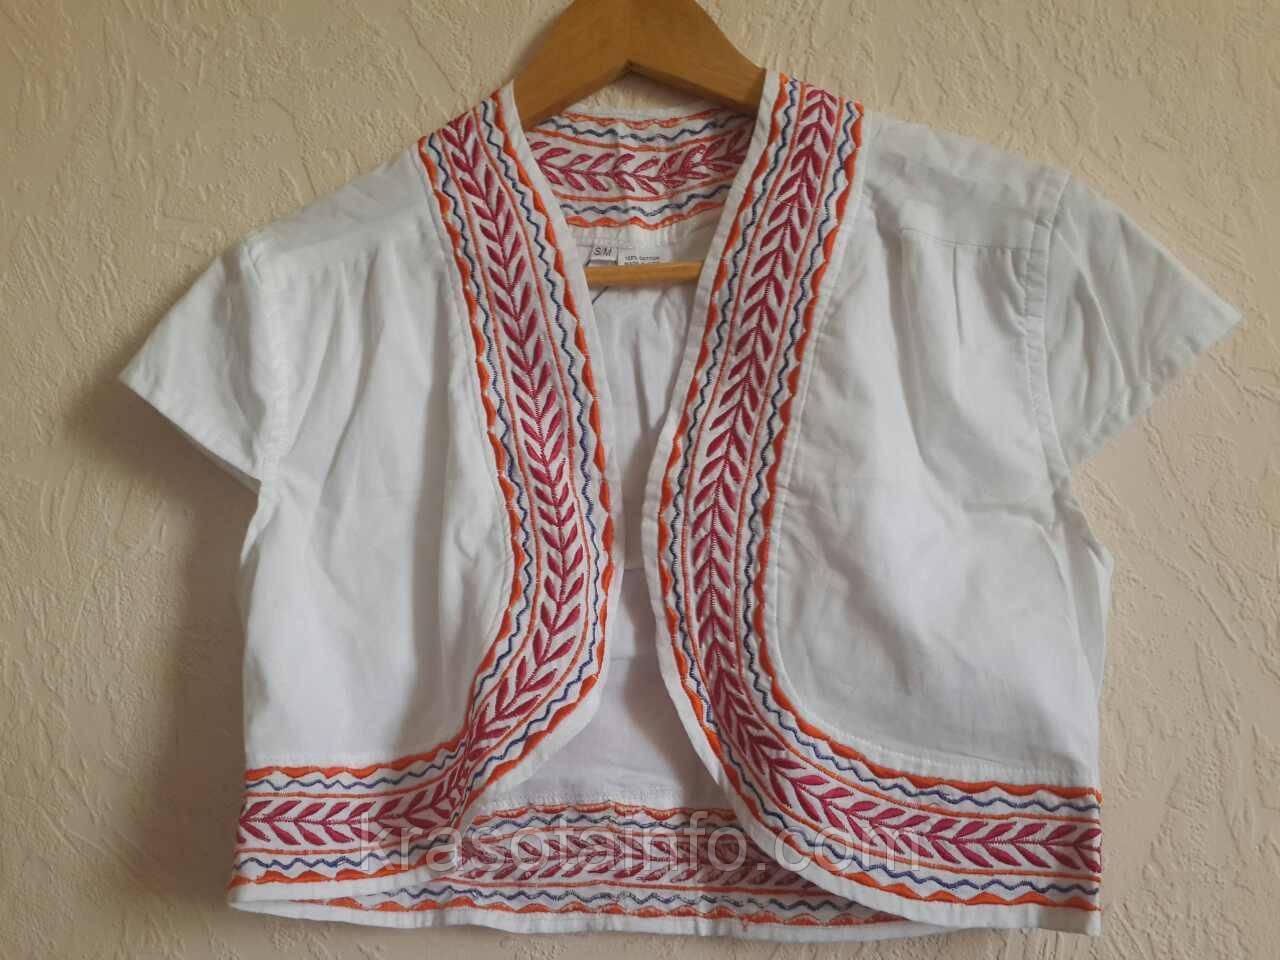 Болеро, вышивка, этнические мотивы, белое, 100% хлопок, Индия.